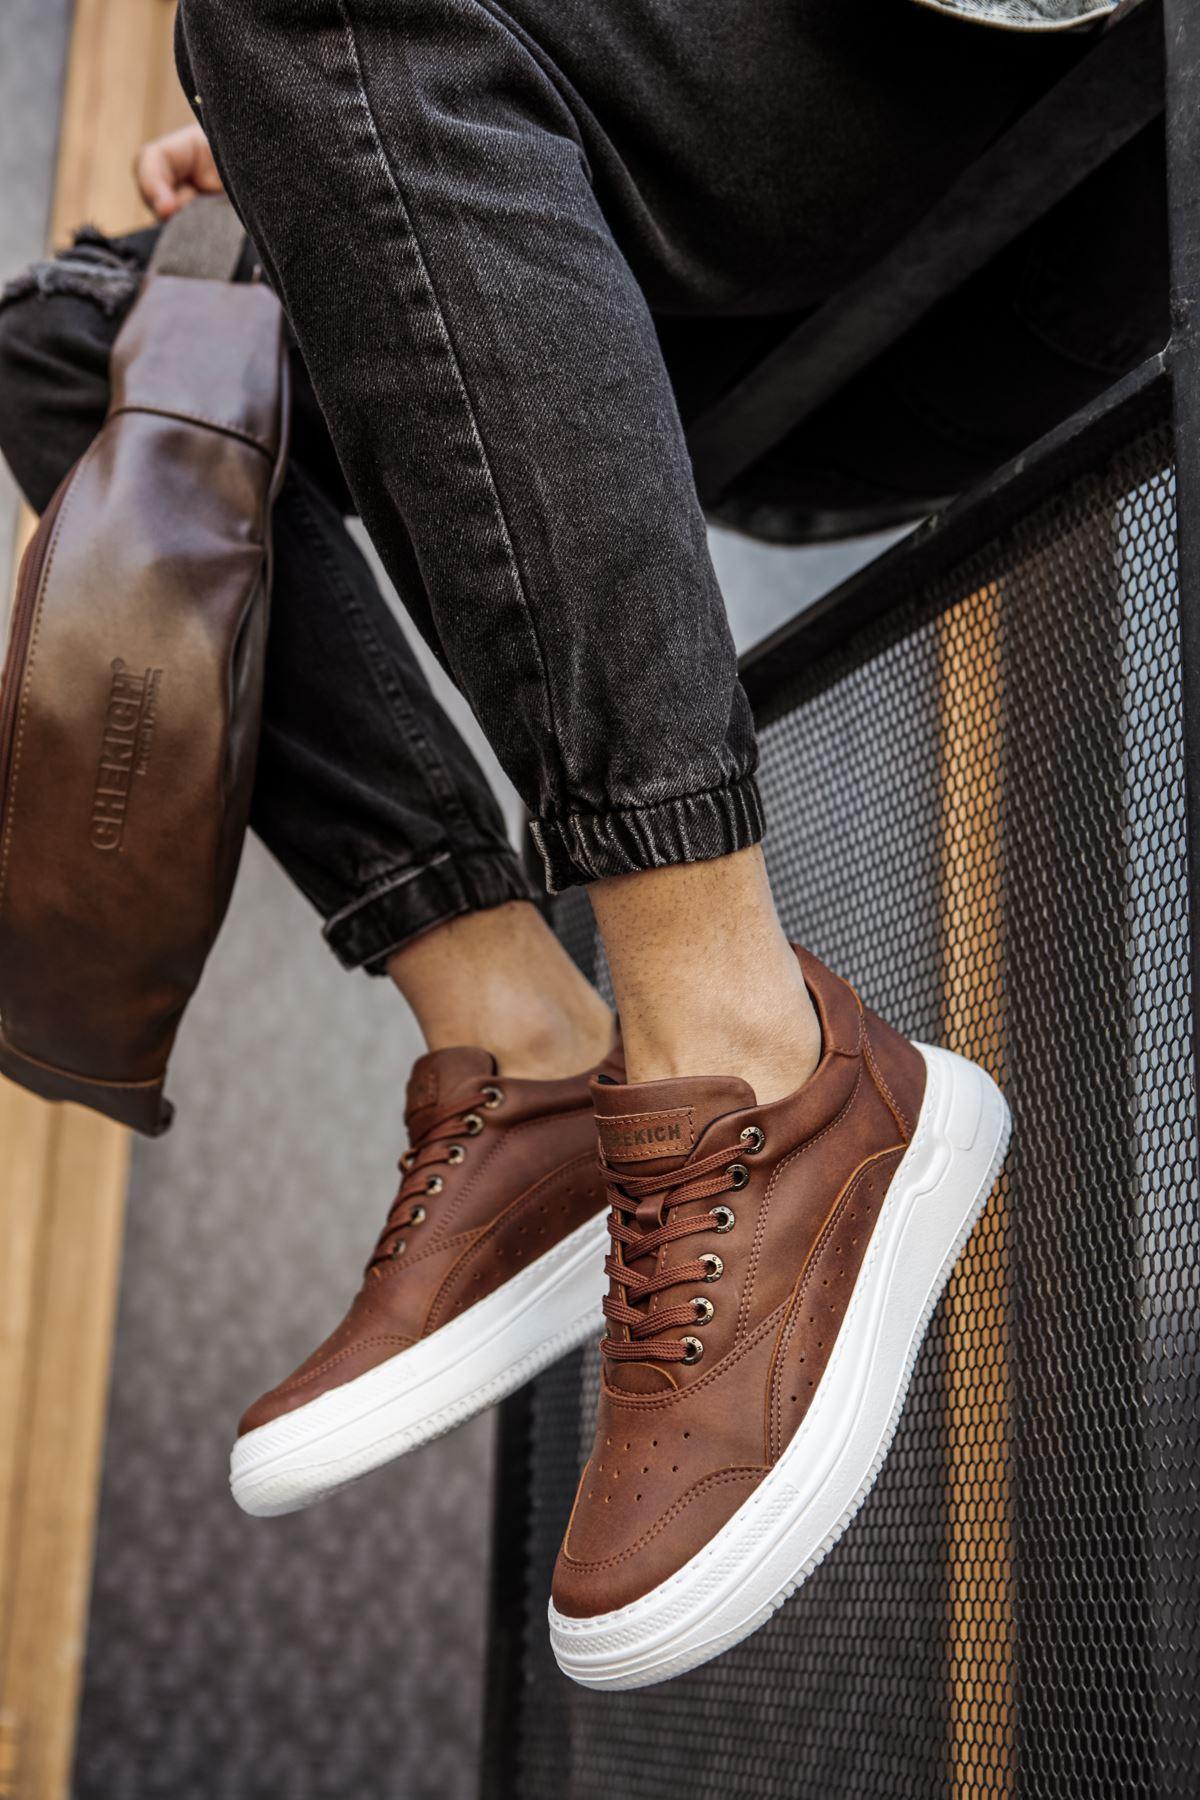 Chekich CH115 İpk. BT Erkek Ayakkabı TABA